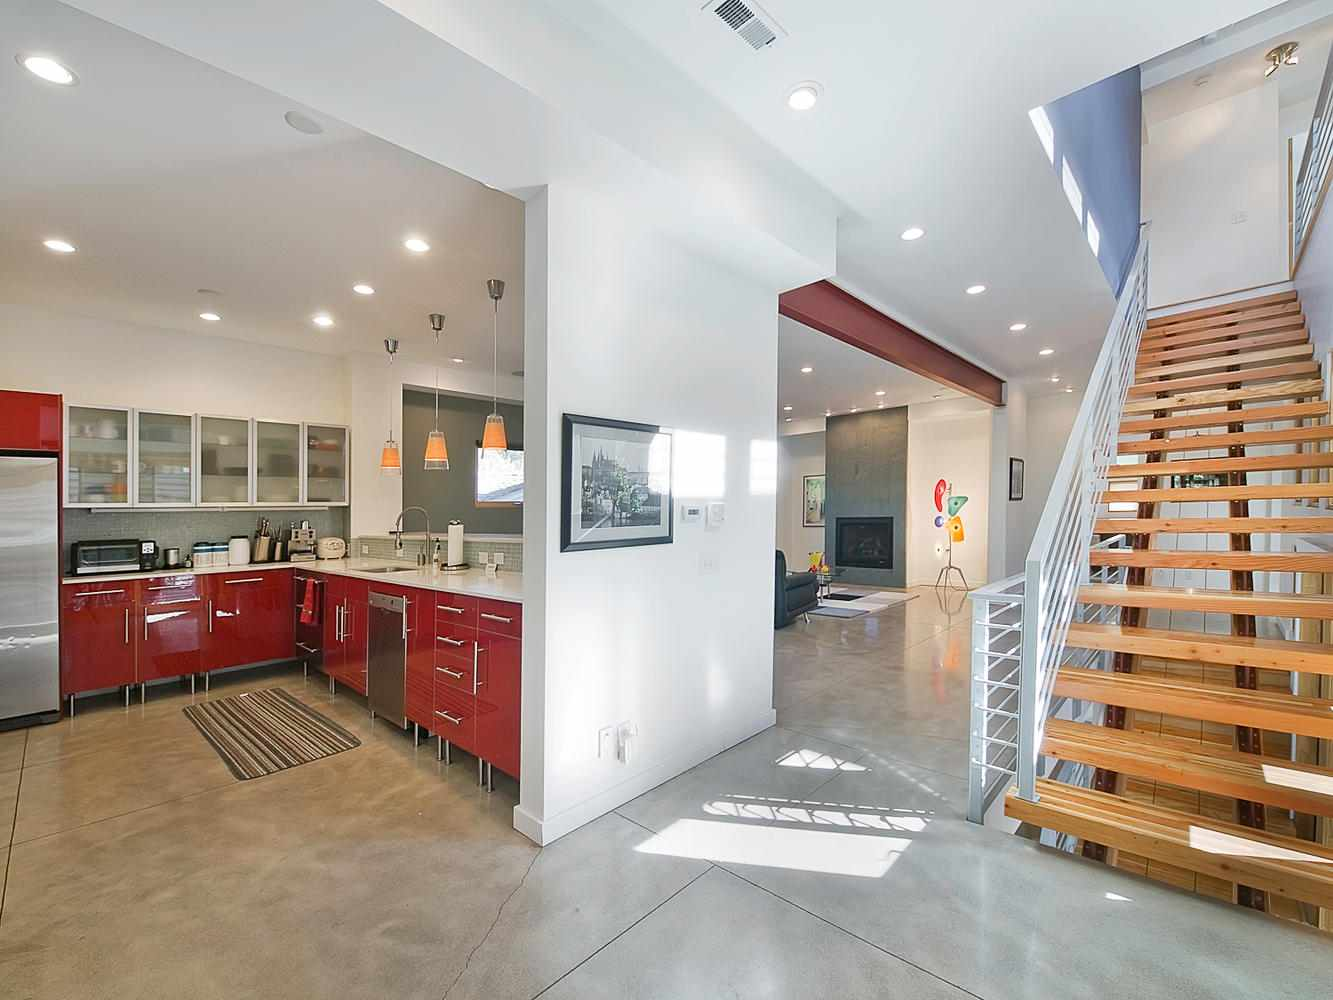 Дизайн домов снаружи и внутри 2-й этажные